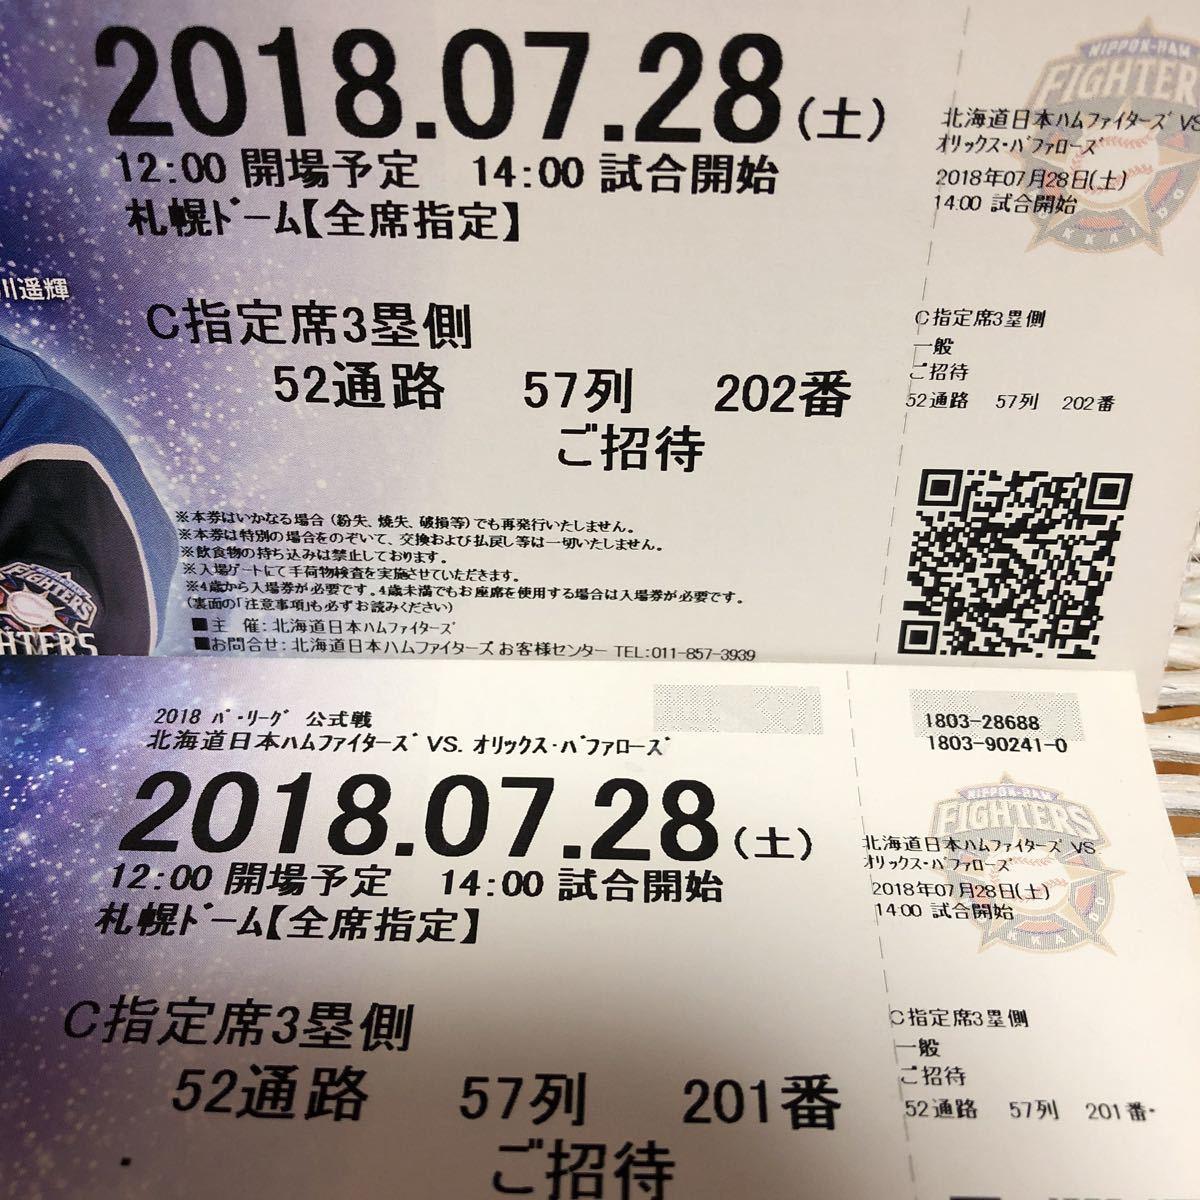 日本ハムファイターズ 7/28ペアチケット C席連番_画像2